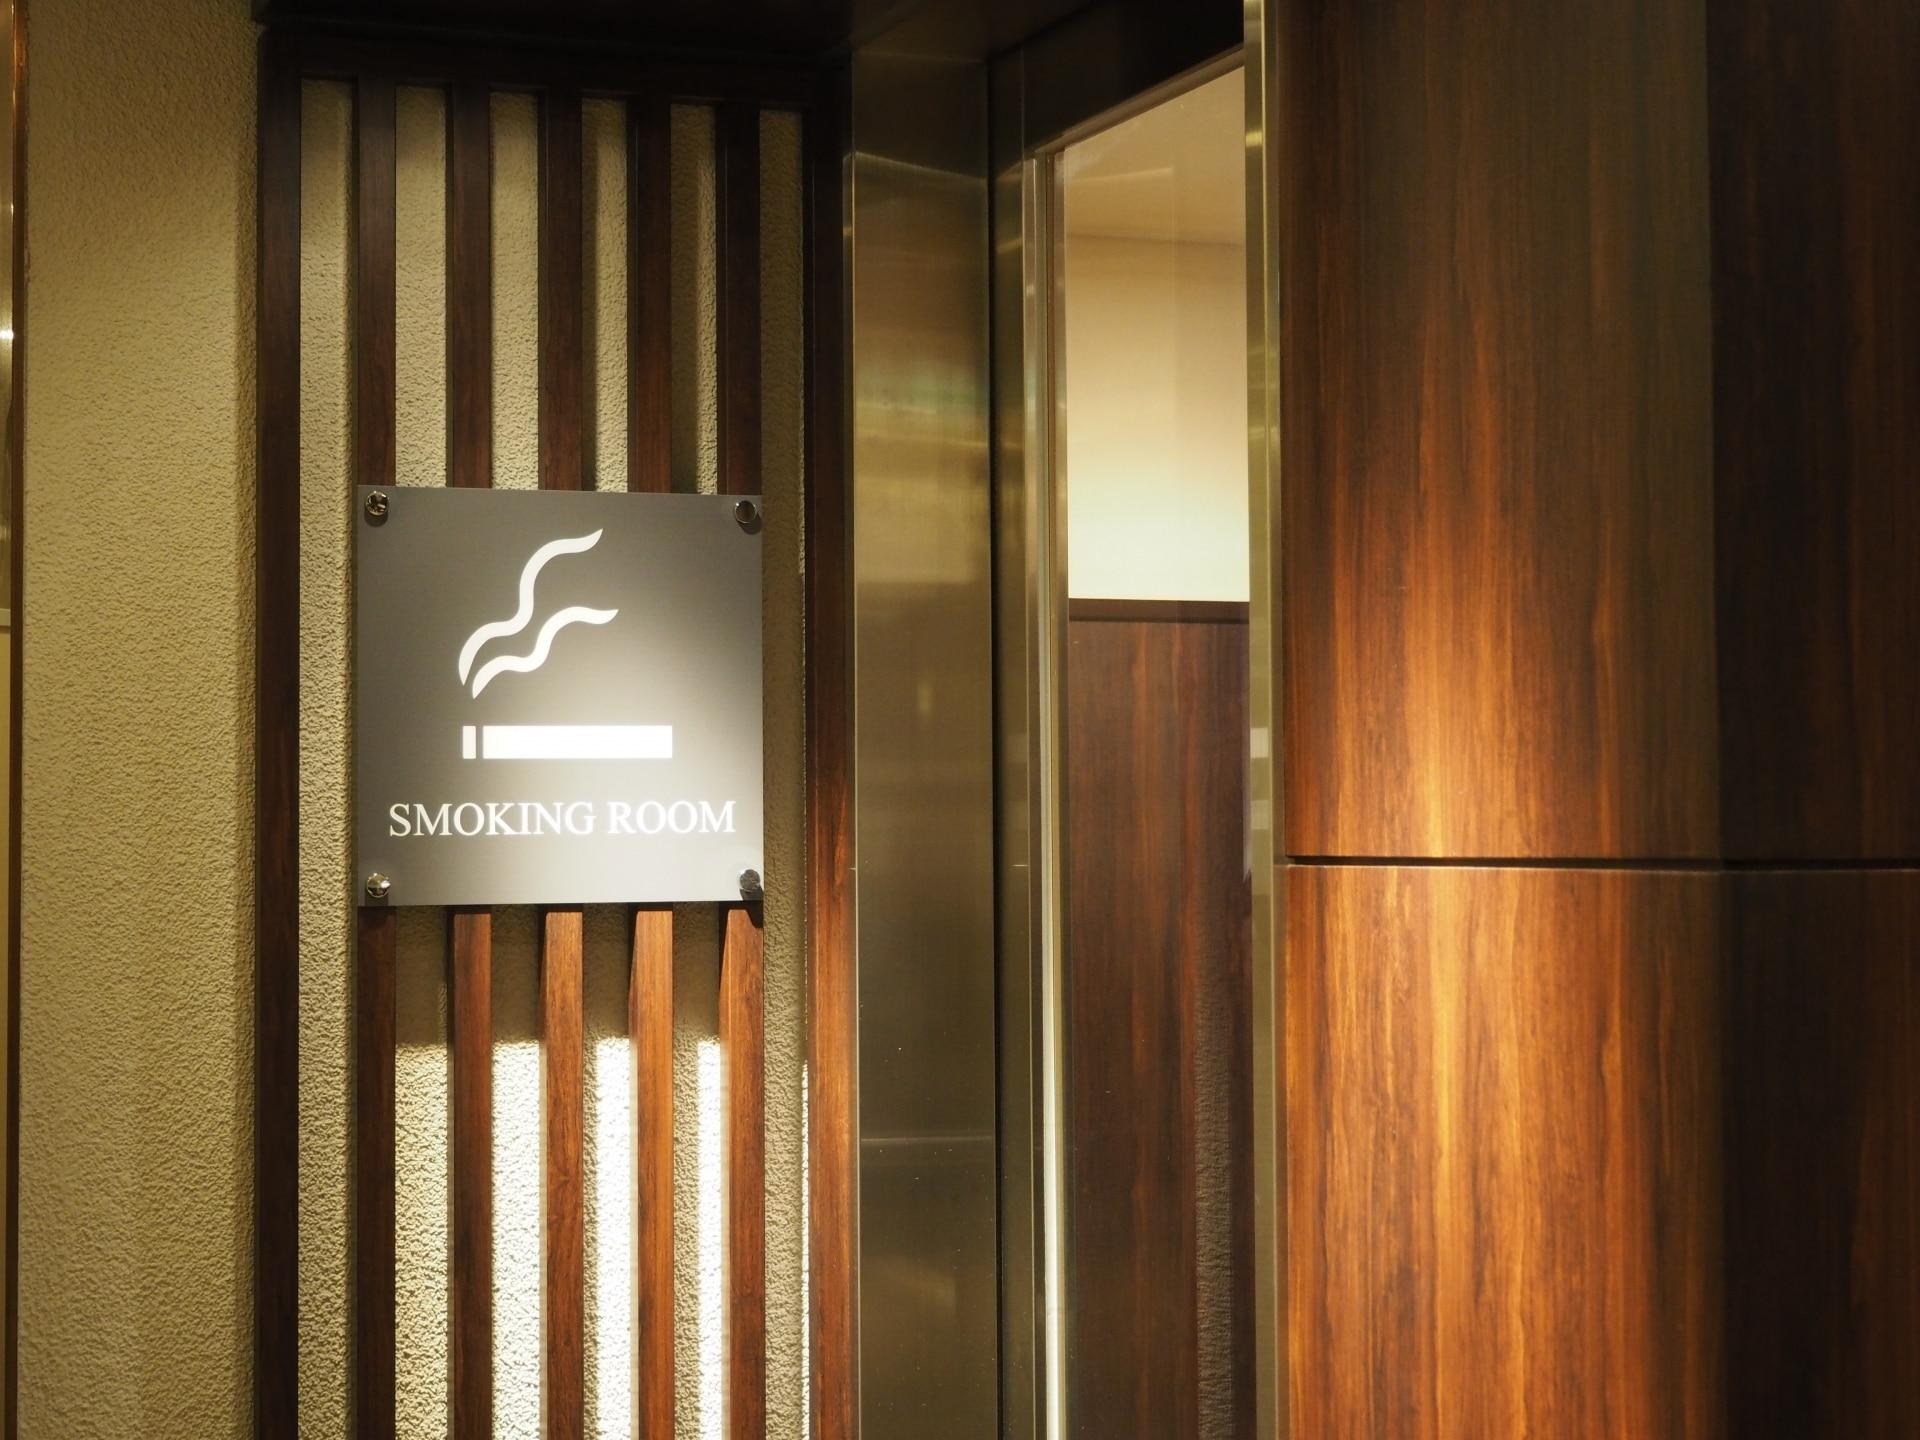 施設の状況に合わせた喫煙室をご提案します!